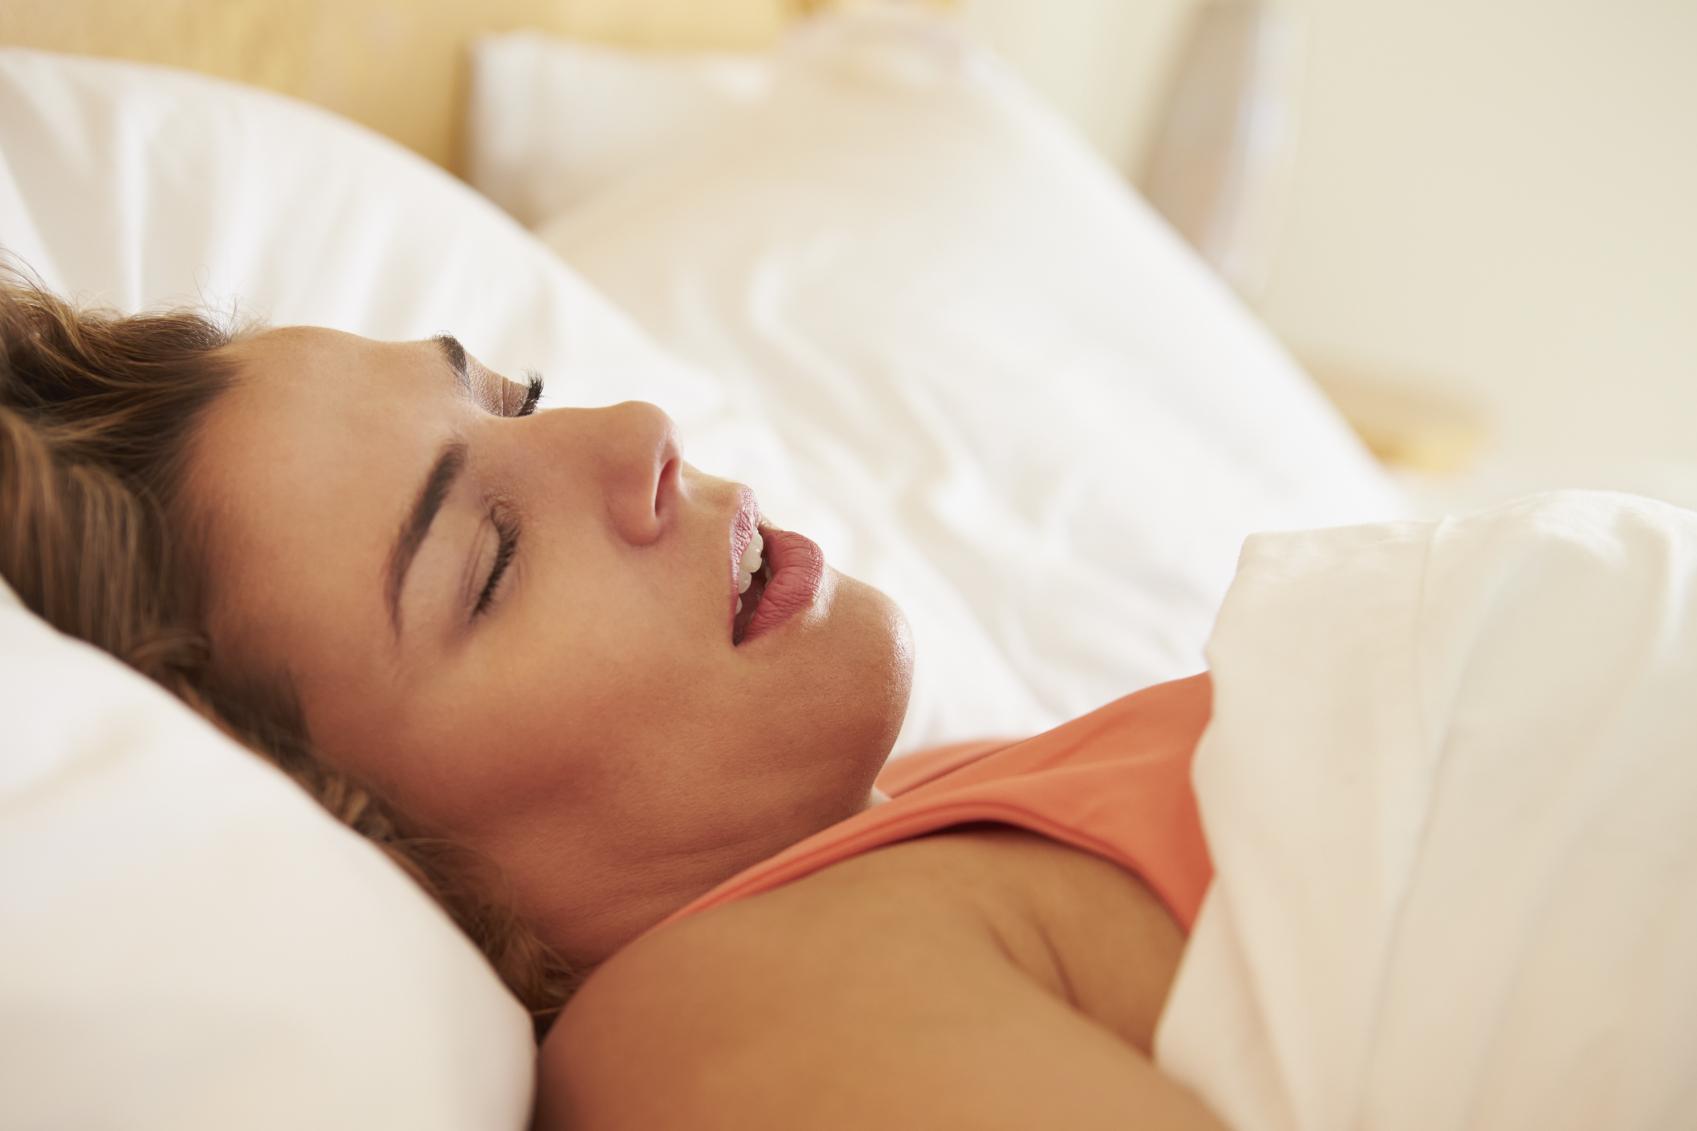 женщина спит с открытым ртом